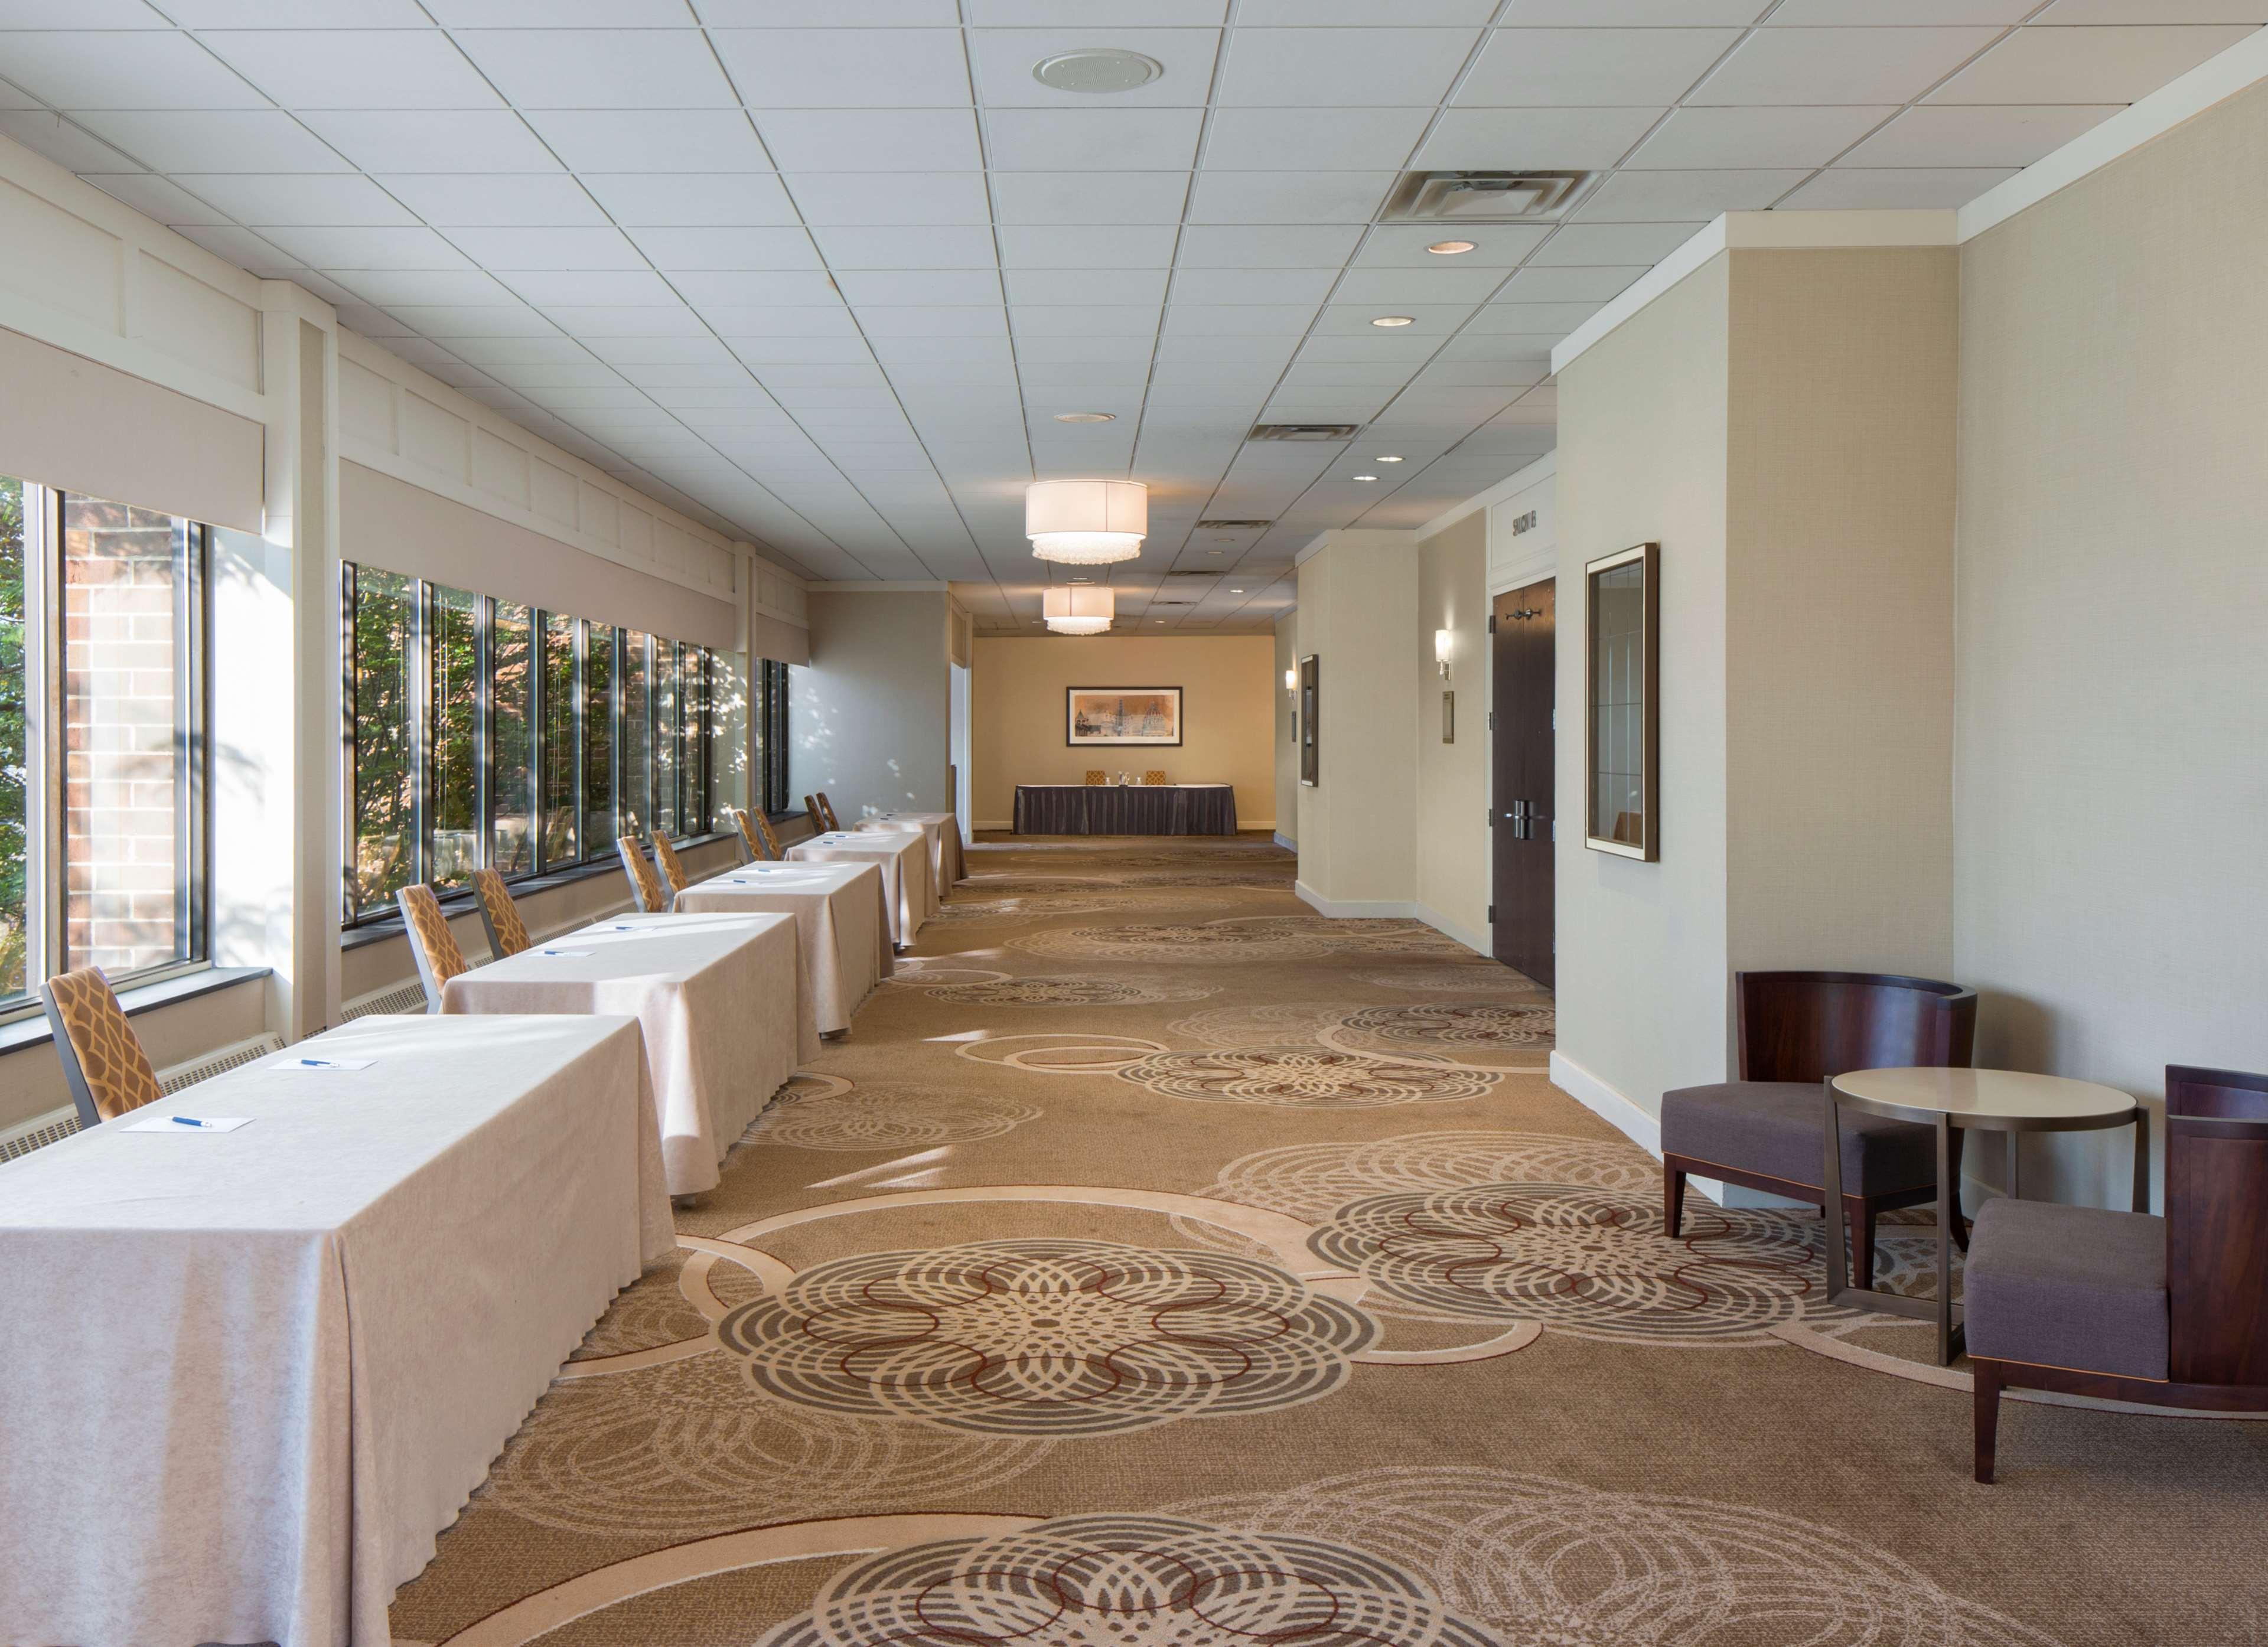 Sheraton Harrisburg Hershey Hotel image 20